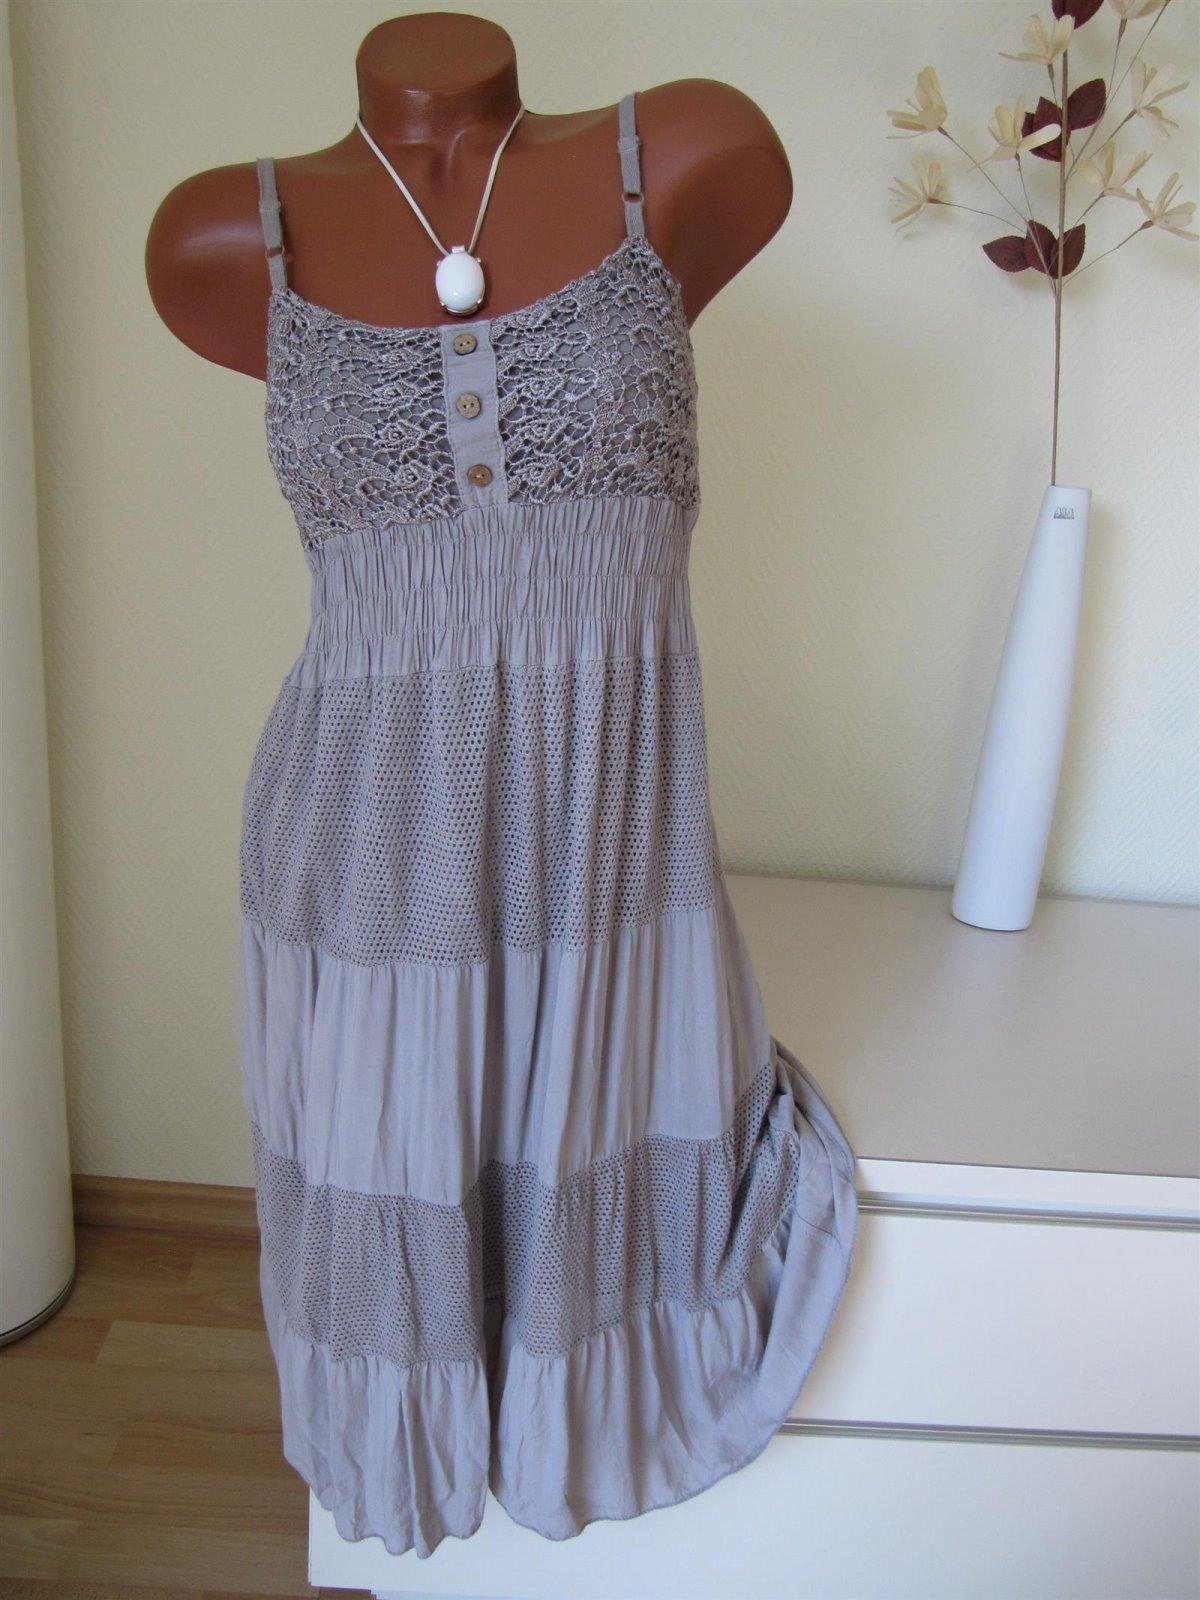 20 Genial Sommerkleid Spitze BoutiqueAbend Großartig Sommerkleid Spitze Design